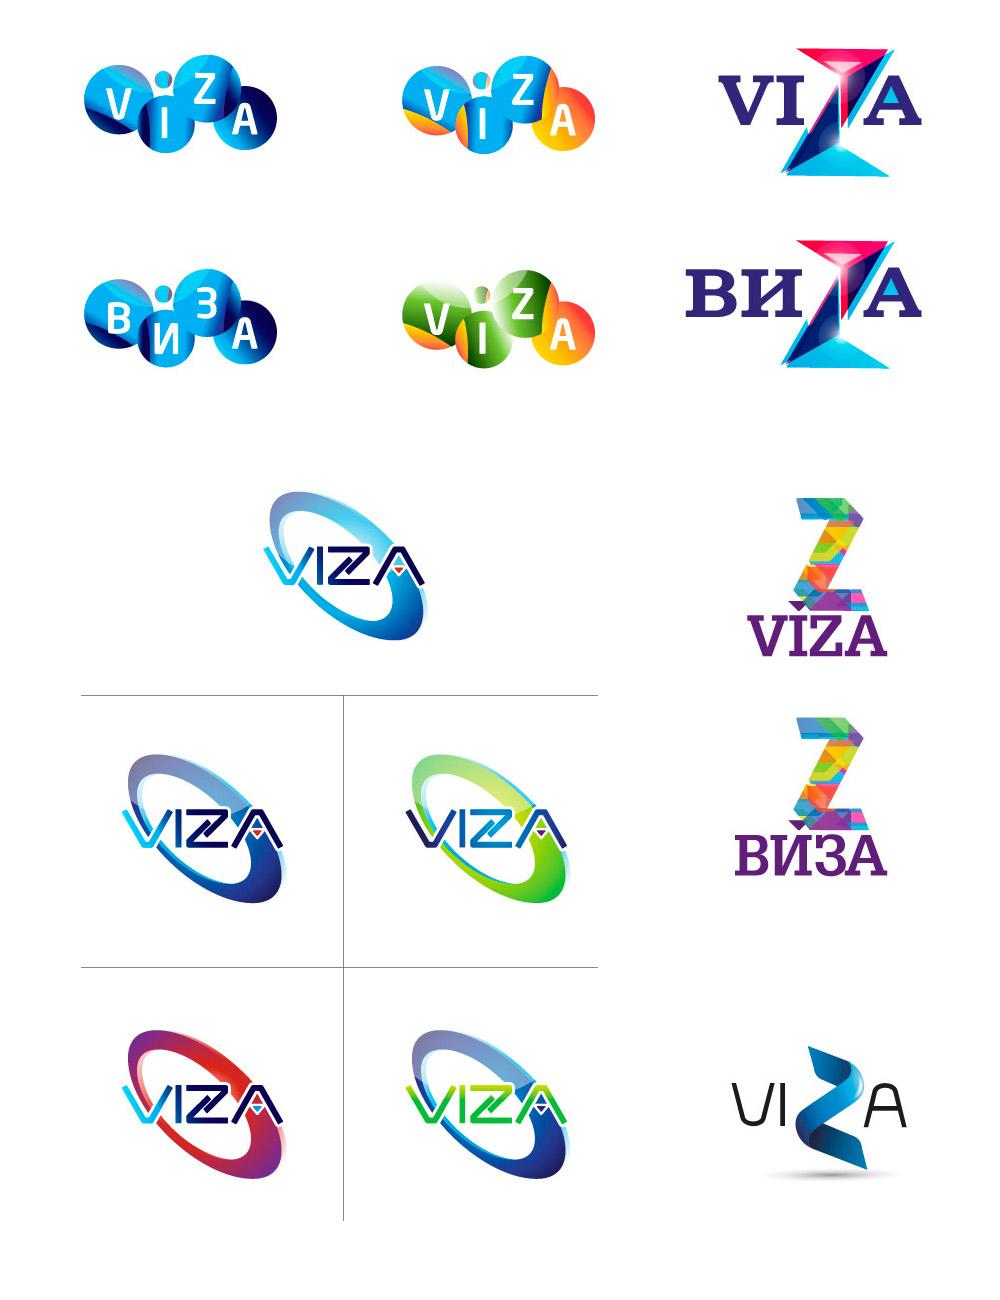 Первые варианты логотипа, предложенные заказчику.